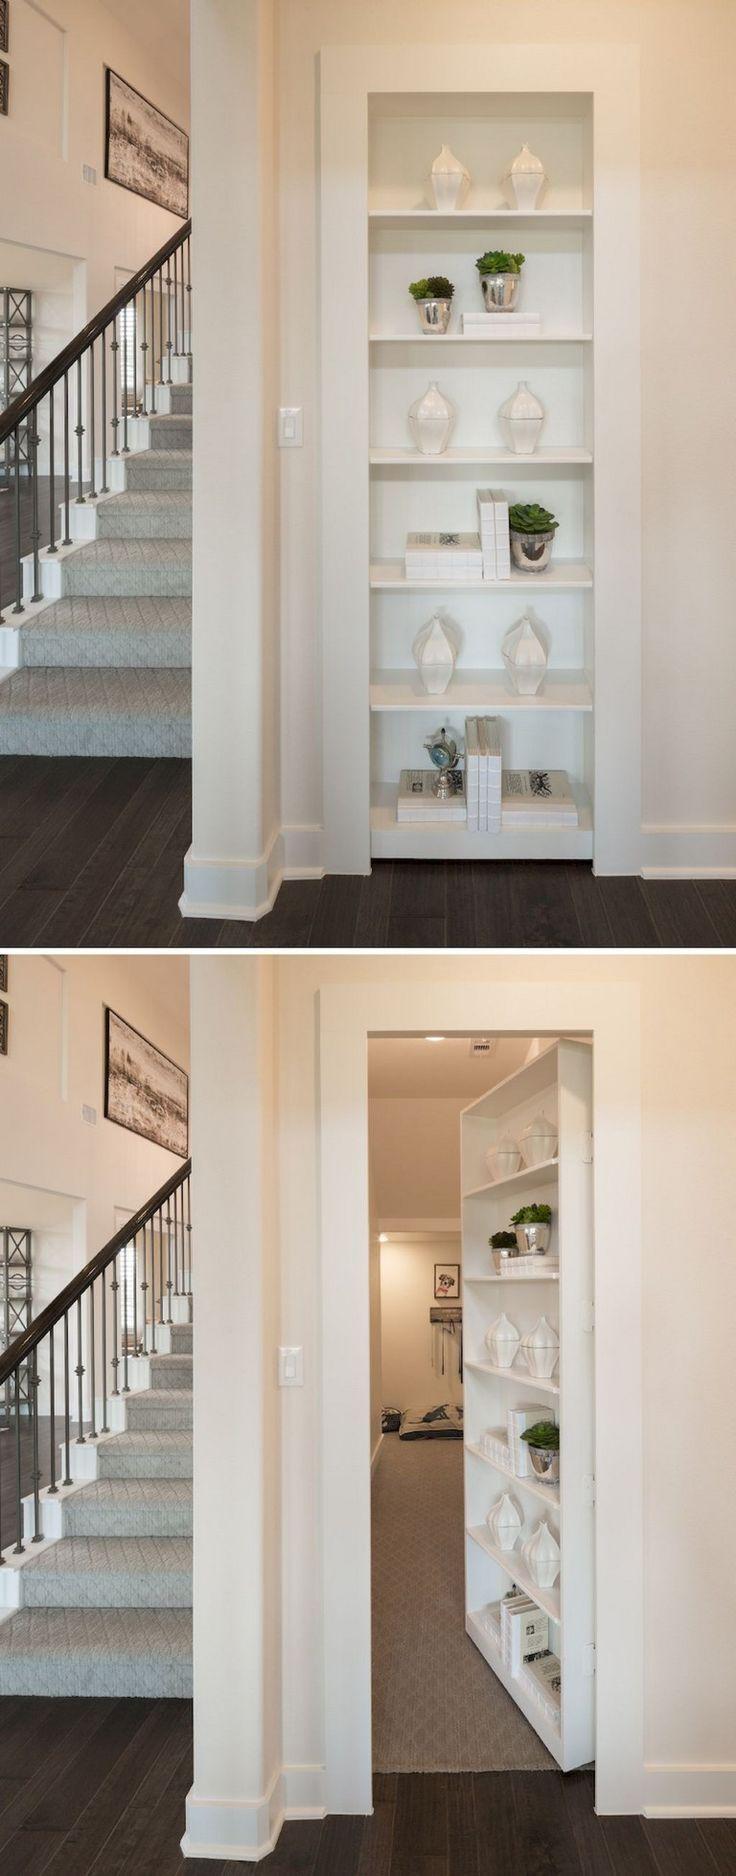 75+ Best Insanely Creative Hidden Door Designs for Storage